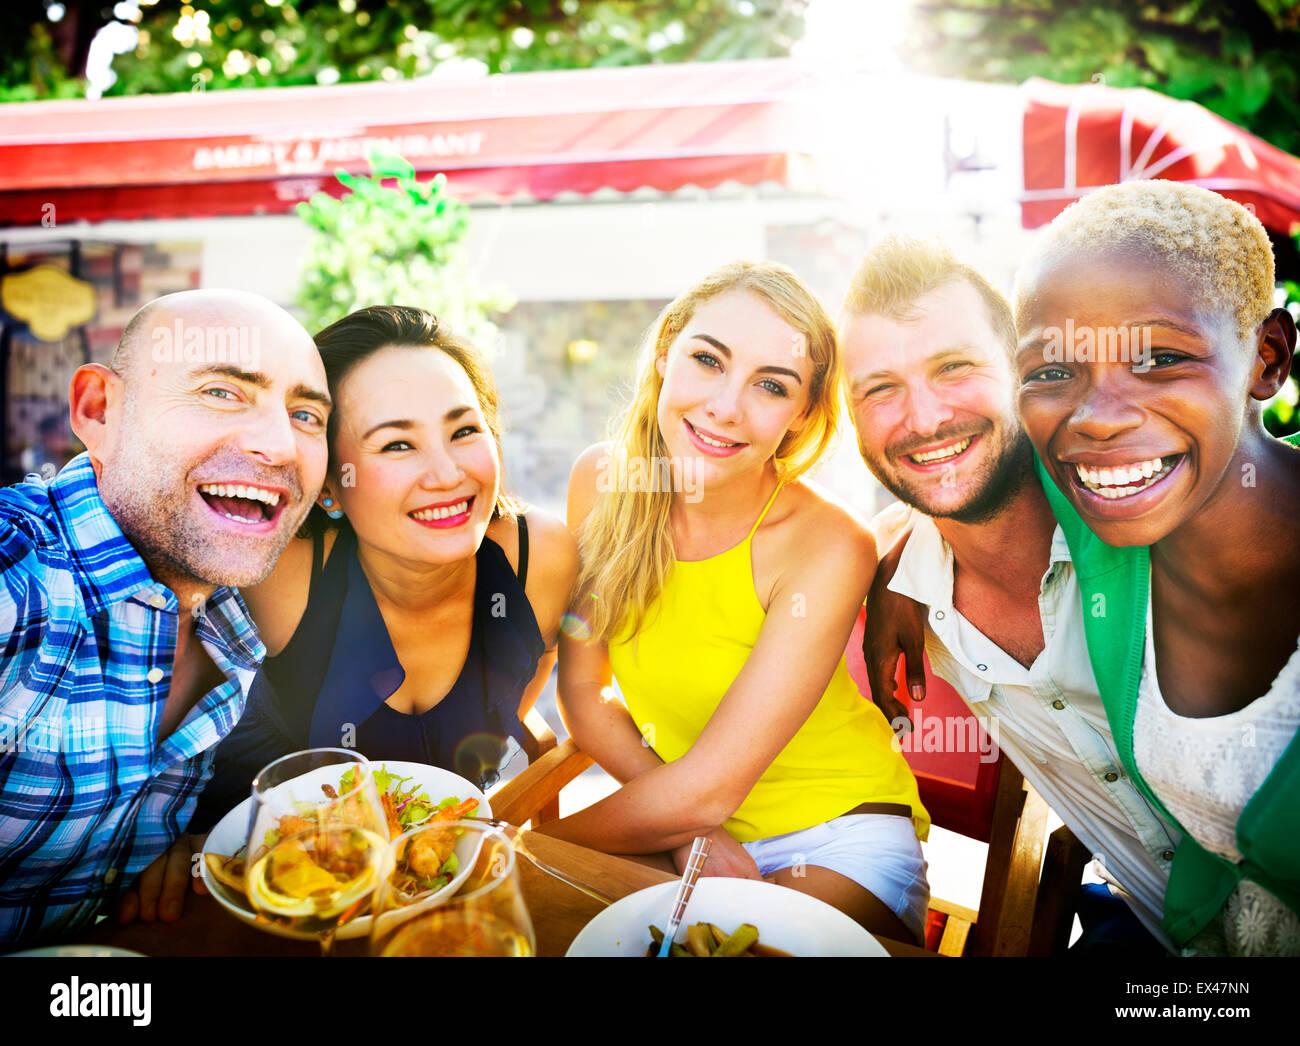 La gente parte amistad compañerismo felicidad concepto Imagen De Stock